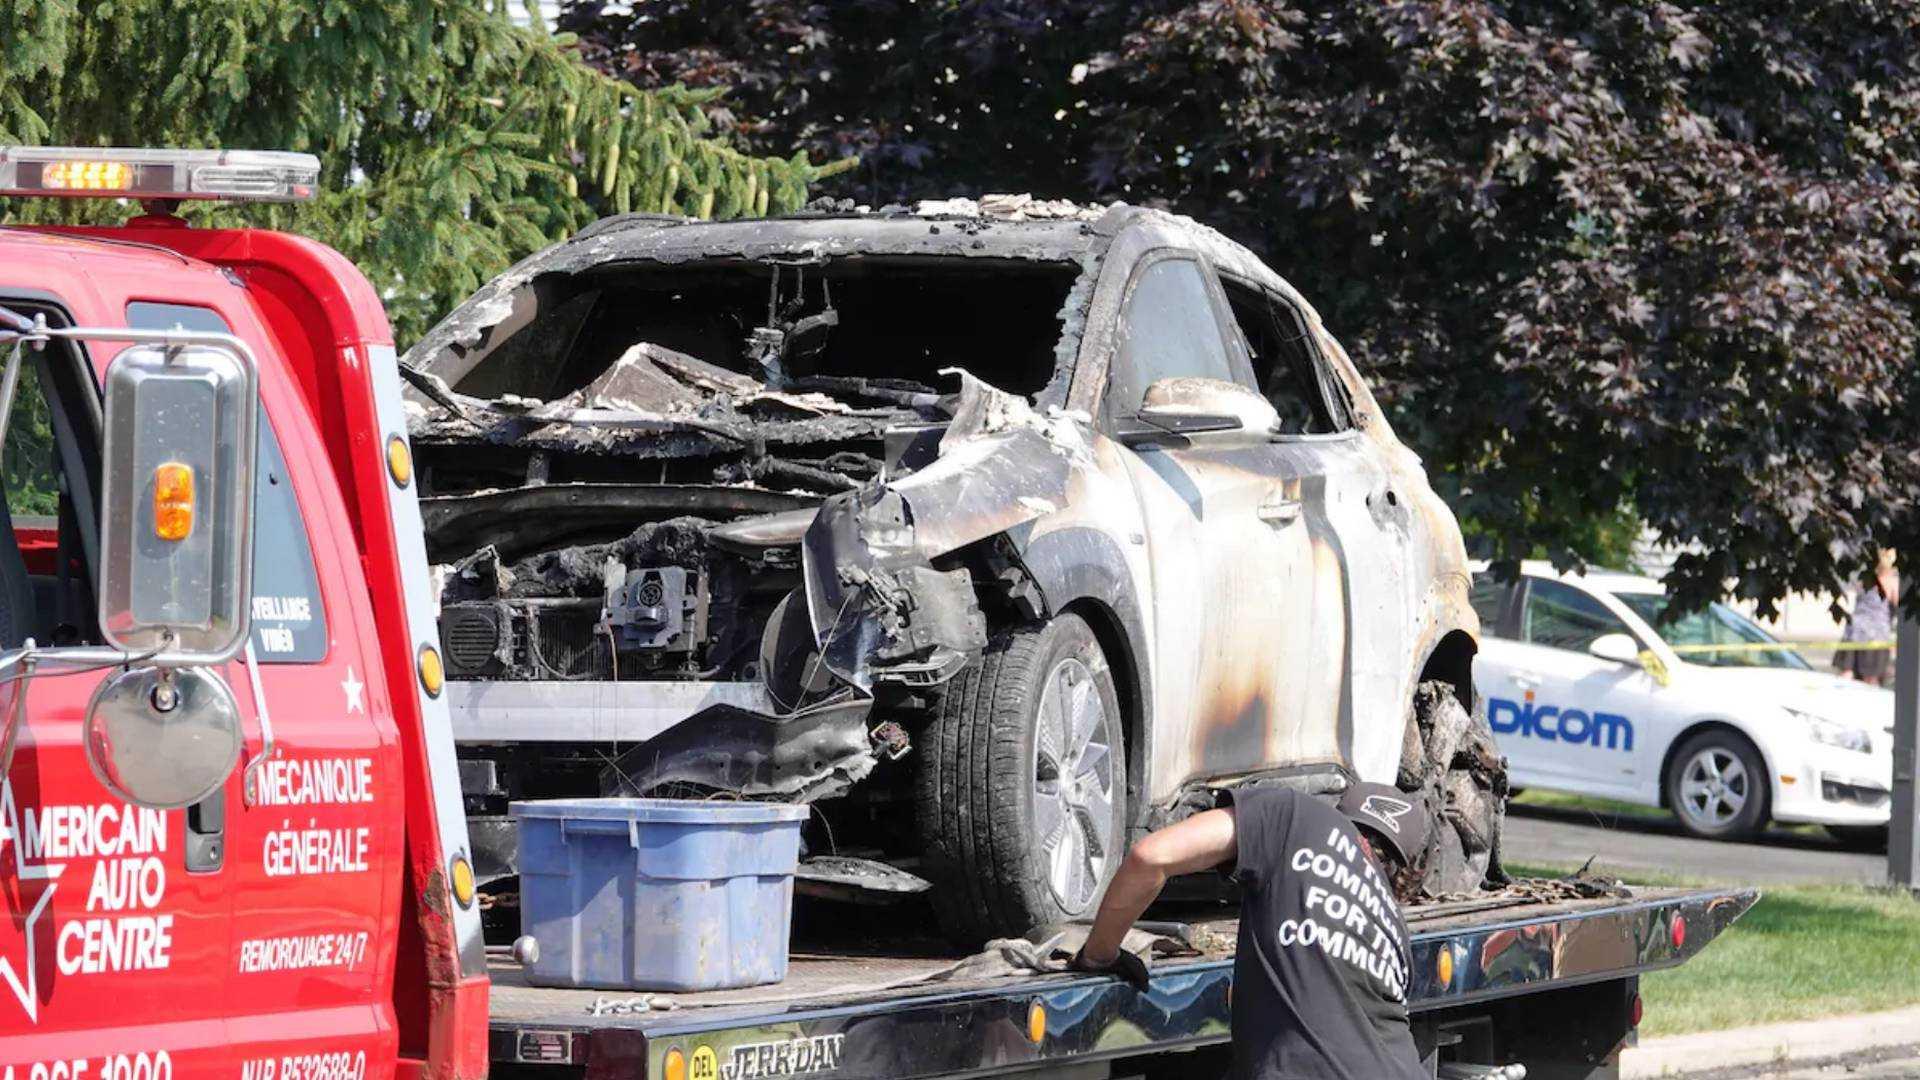 Hyundai Kona Electric ničim izazvana eksplodirala u garaži?